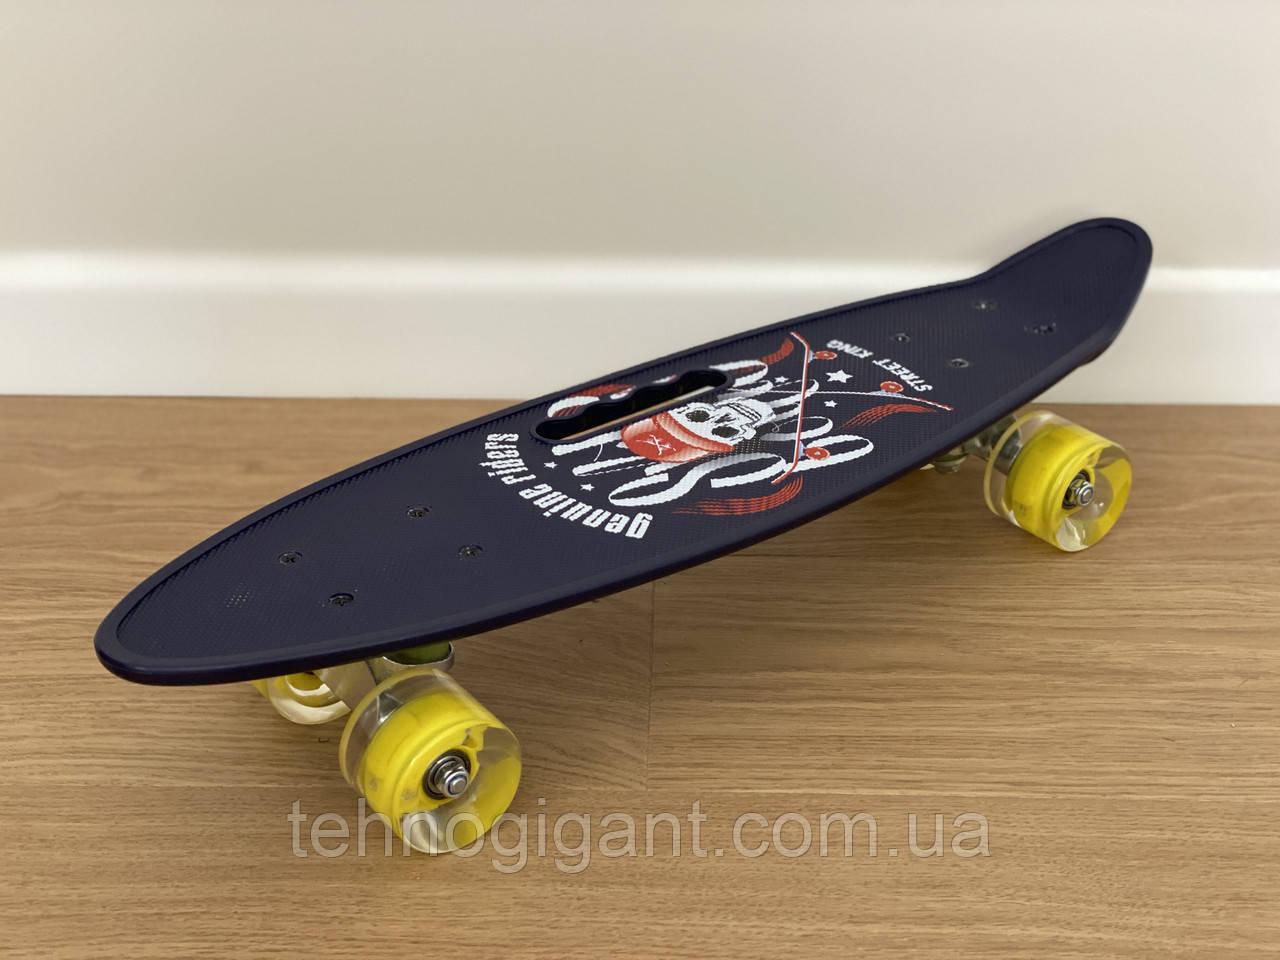 Скейт Пенні борд Penny board, з безшумними світяться колесами, з ручкою, Синій Череп